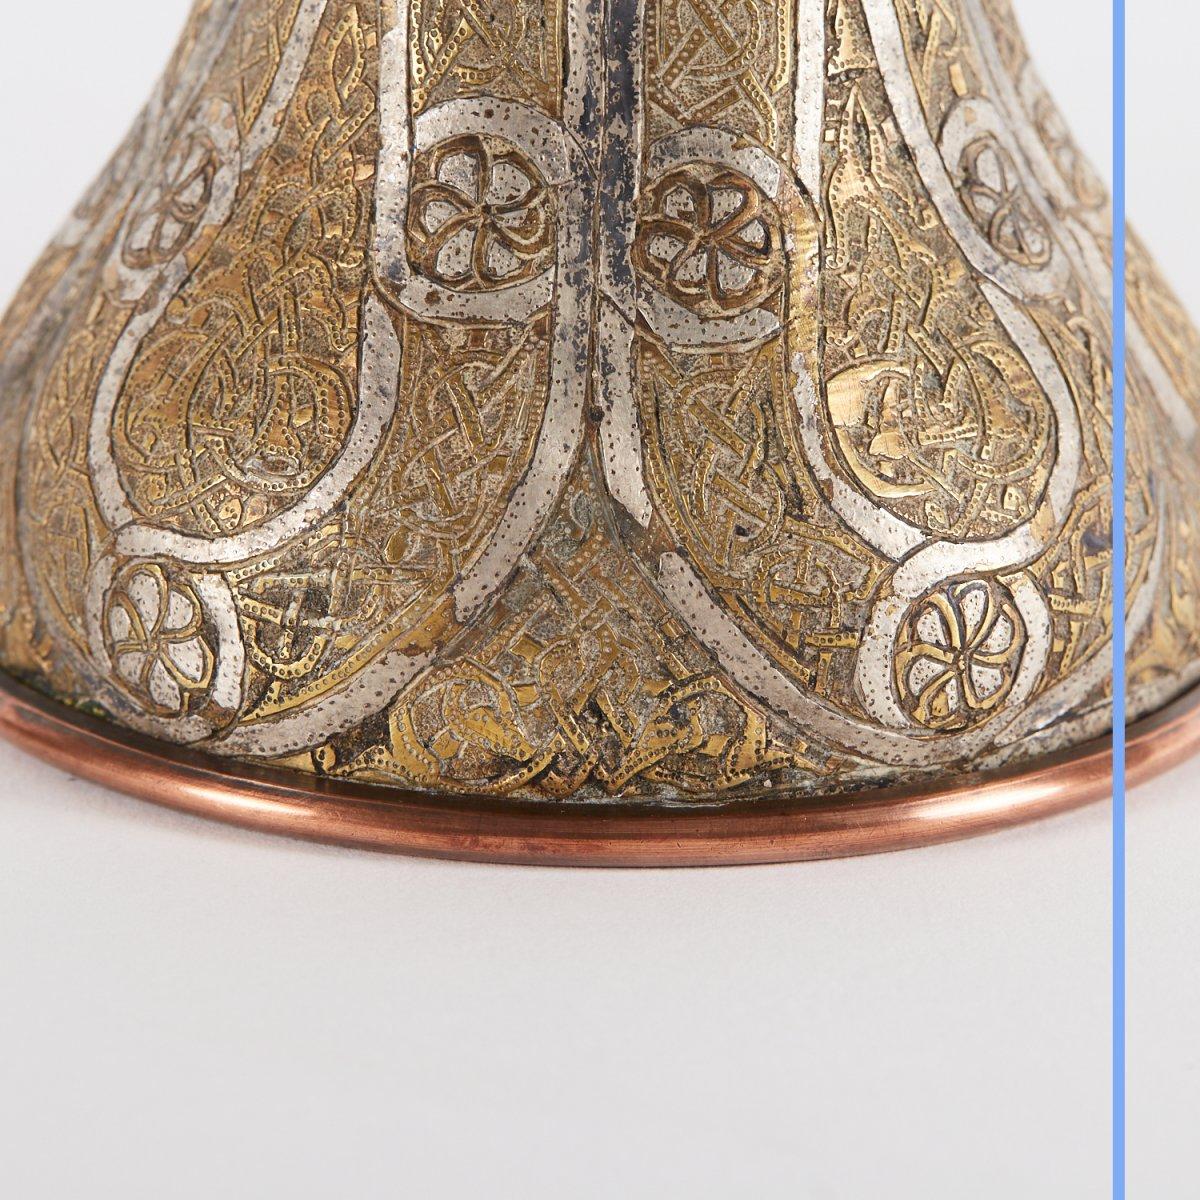 Paire de vases en métal argenté et doré gravé, Syrie, XIXe-photo-7